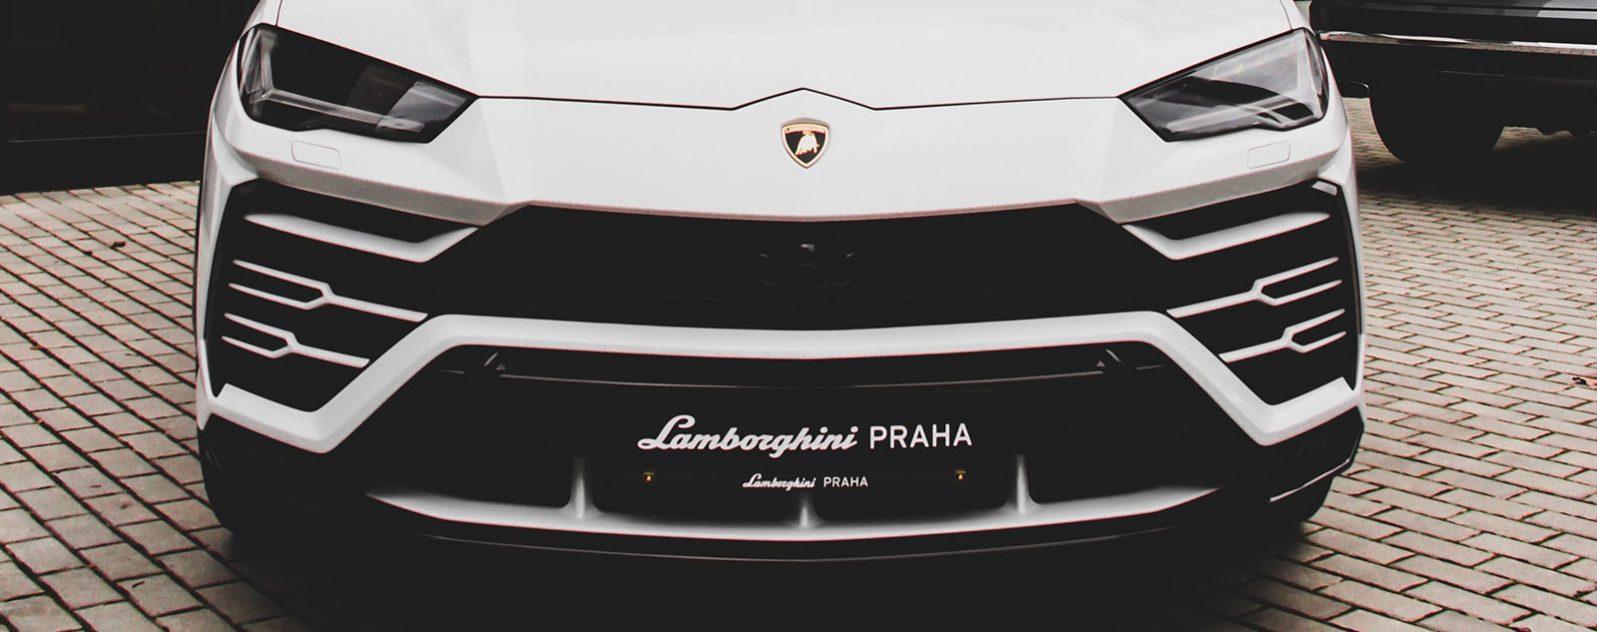 Lamborghini Urus for Sale UK